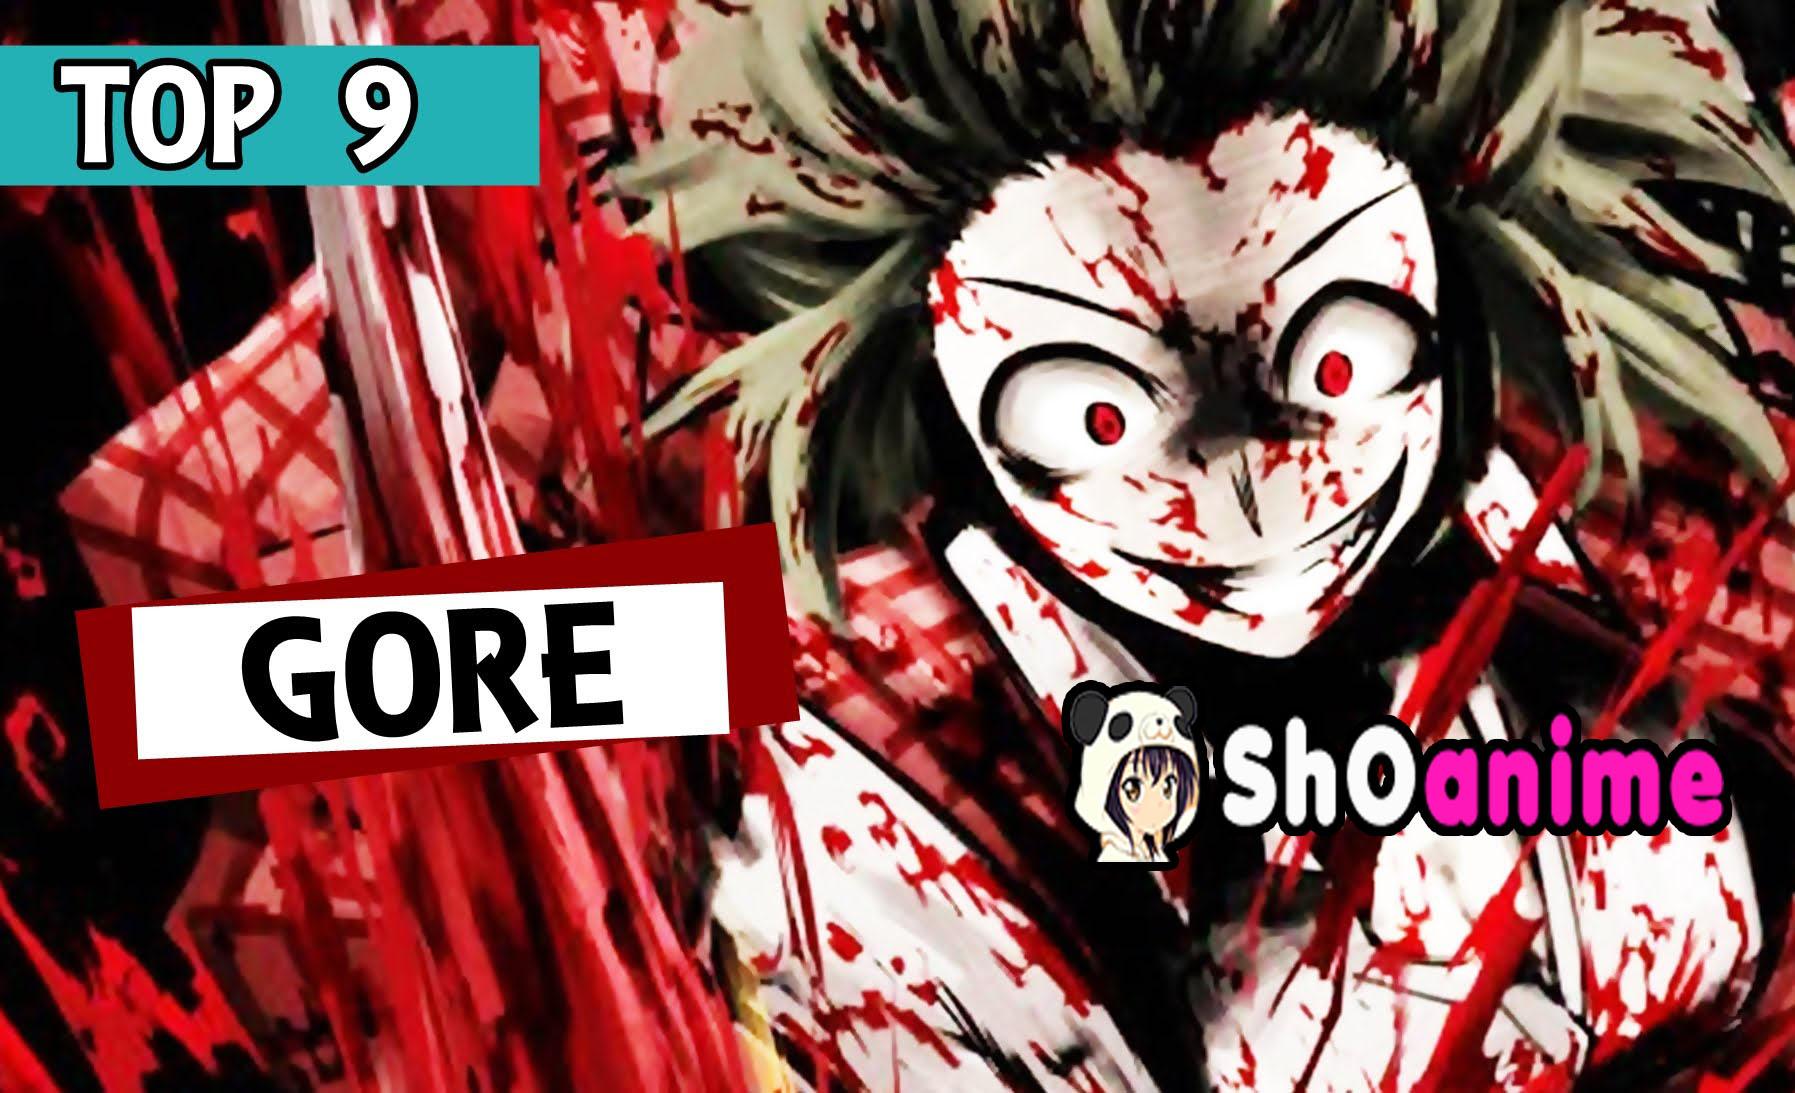 u00a1los 9 mejores animes gore